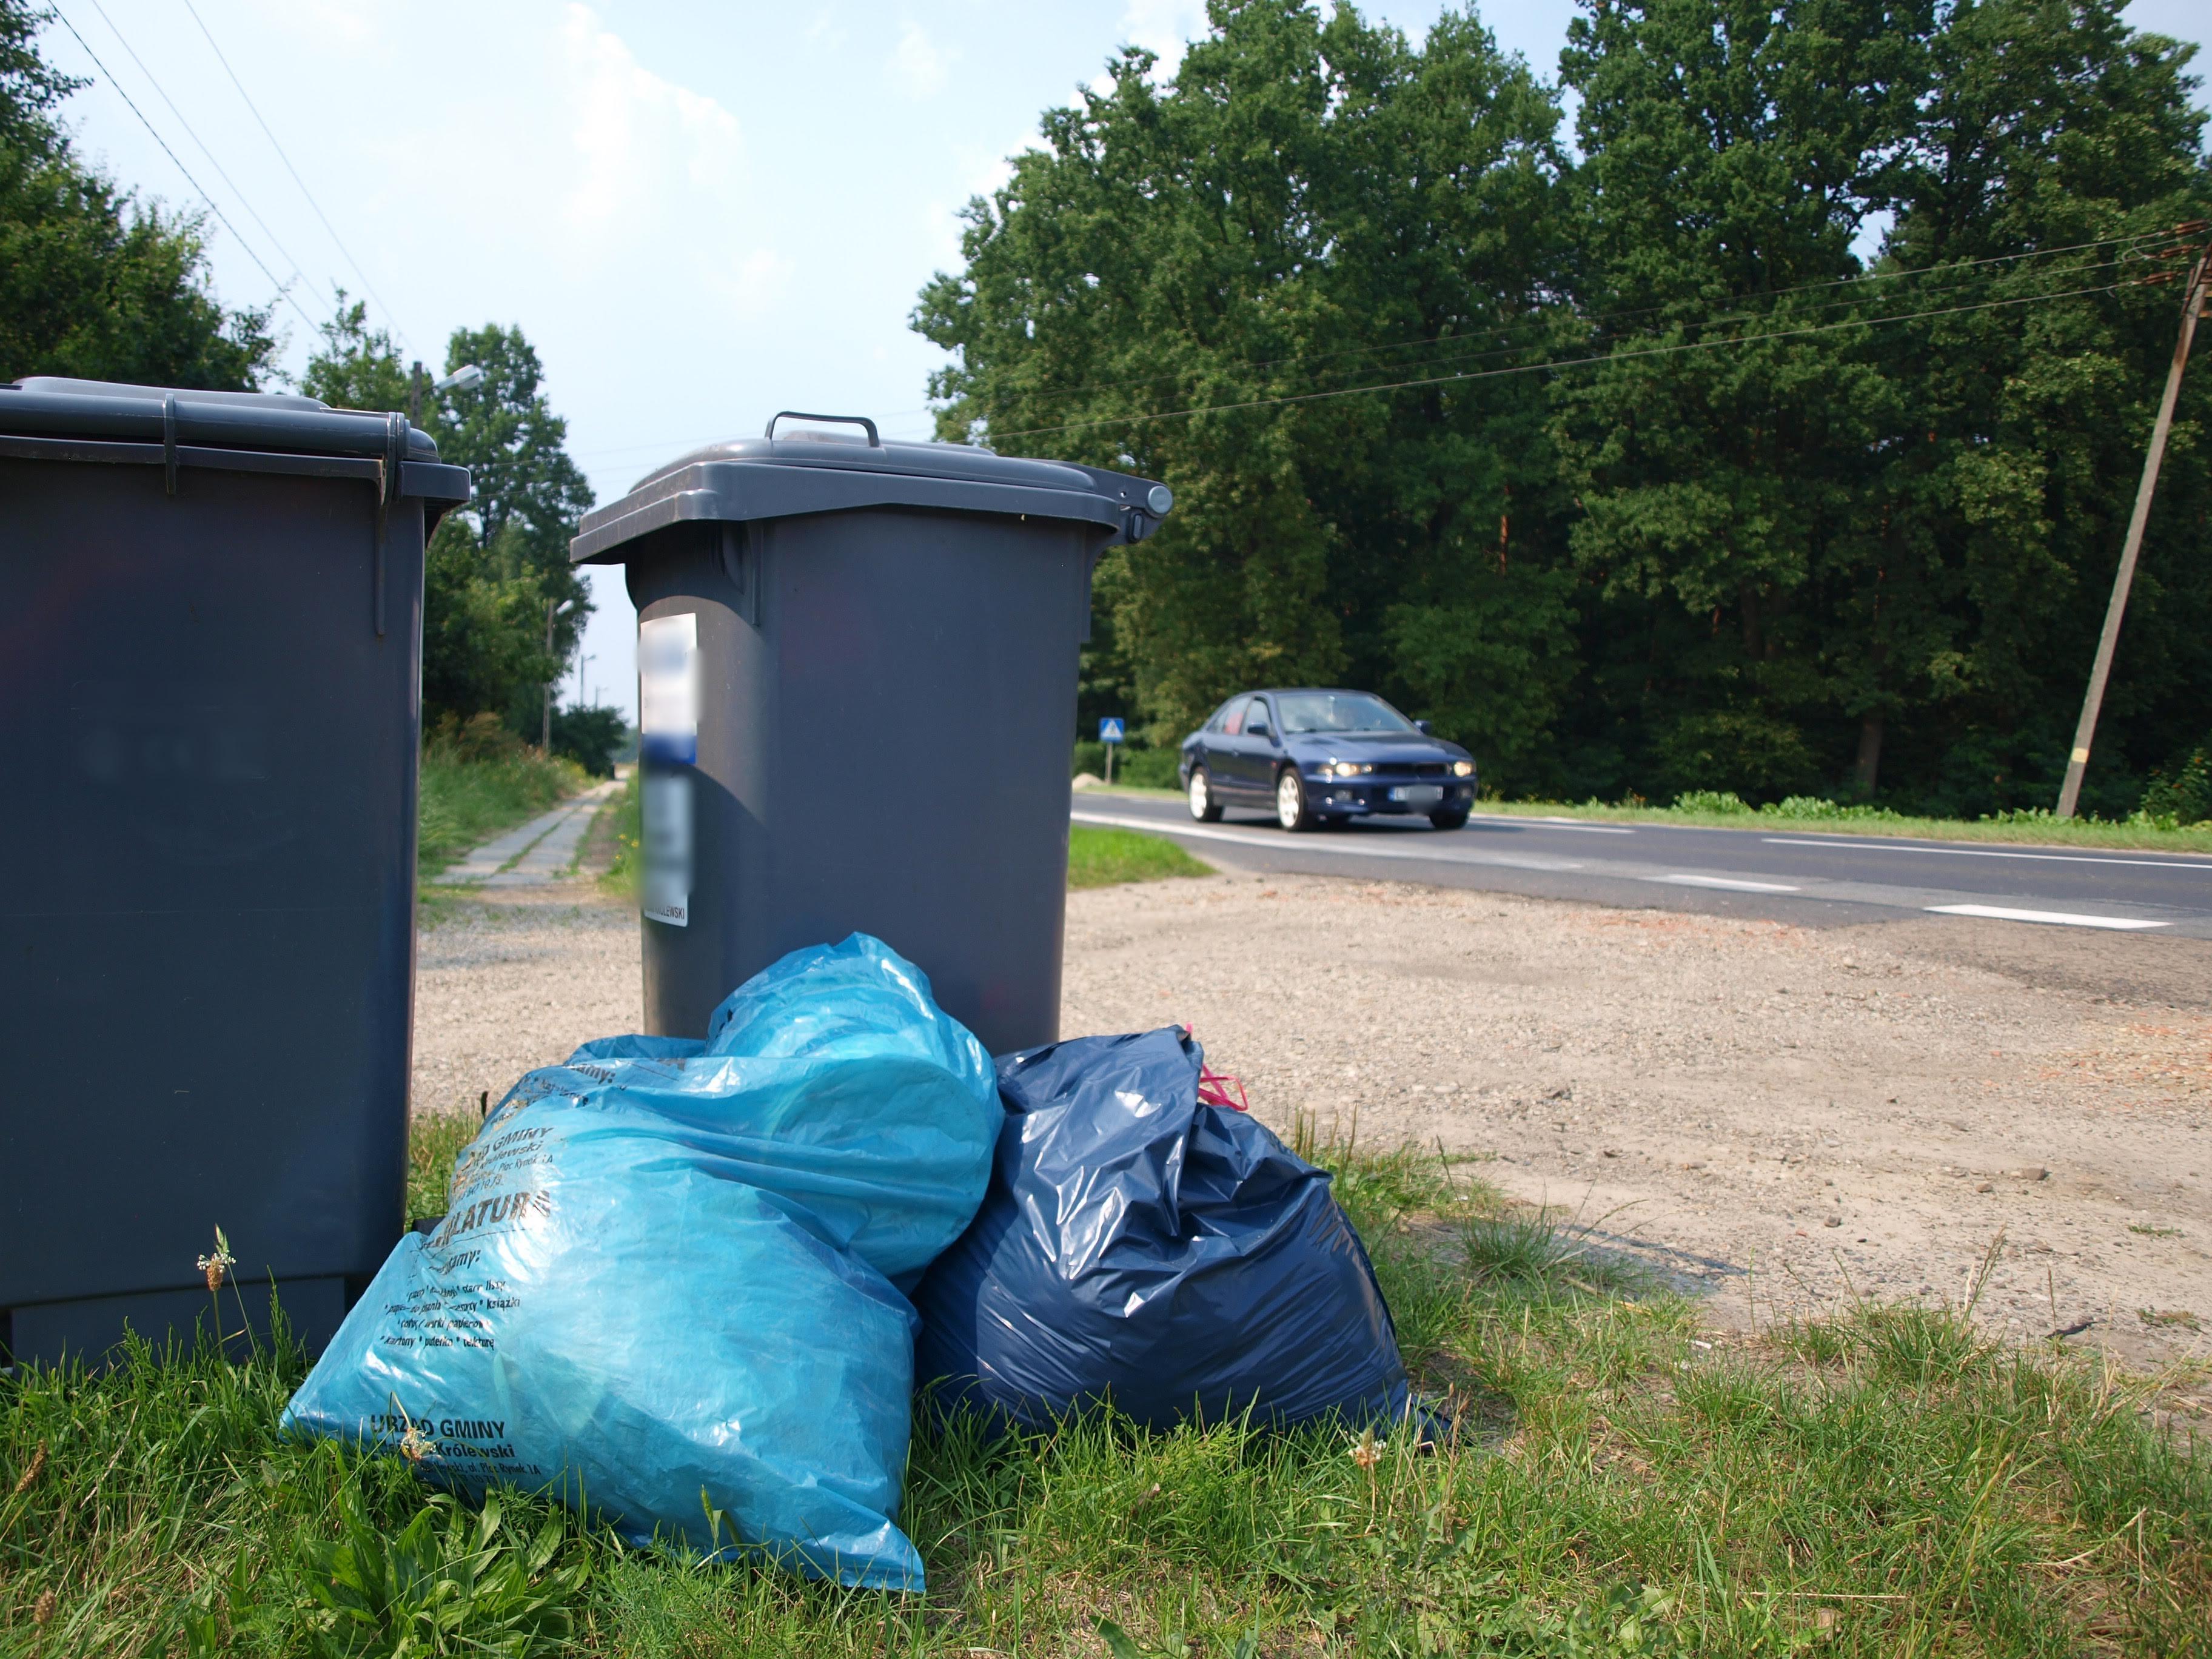 Gmina Dzikowiec. Szokujące podwyżki cen za śmieci. Miesięcznie nawet ponad 200 zł  - Zdjęcie główne